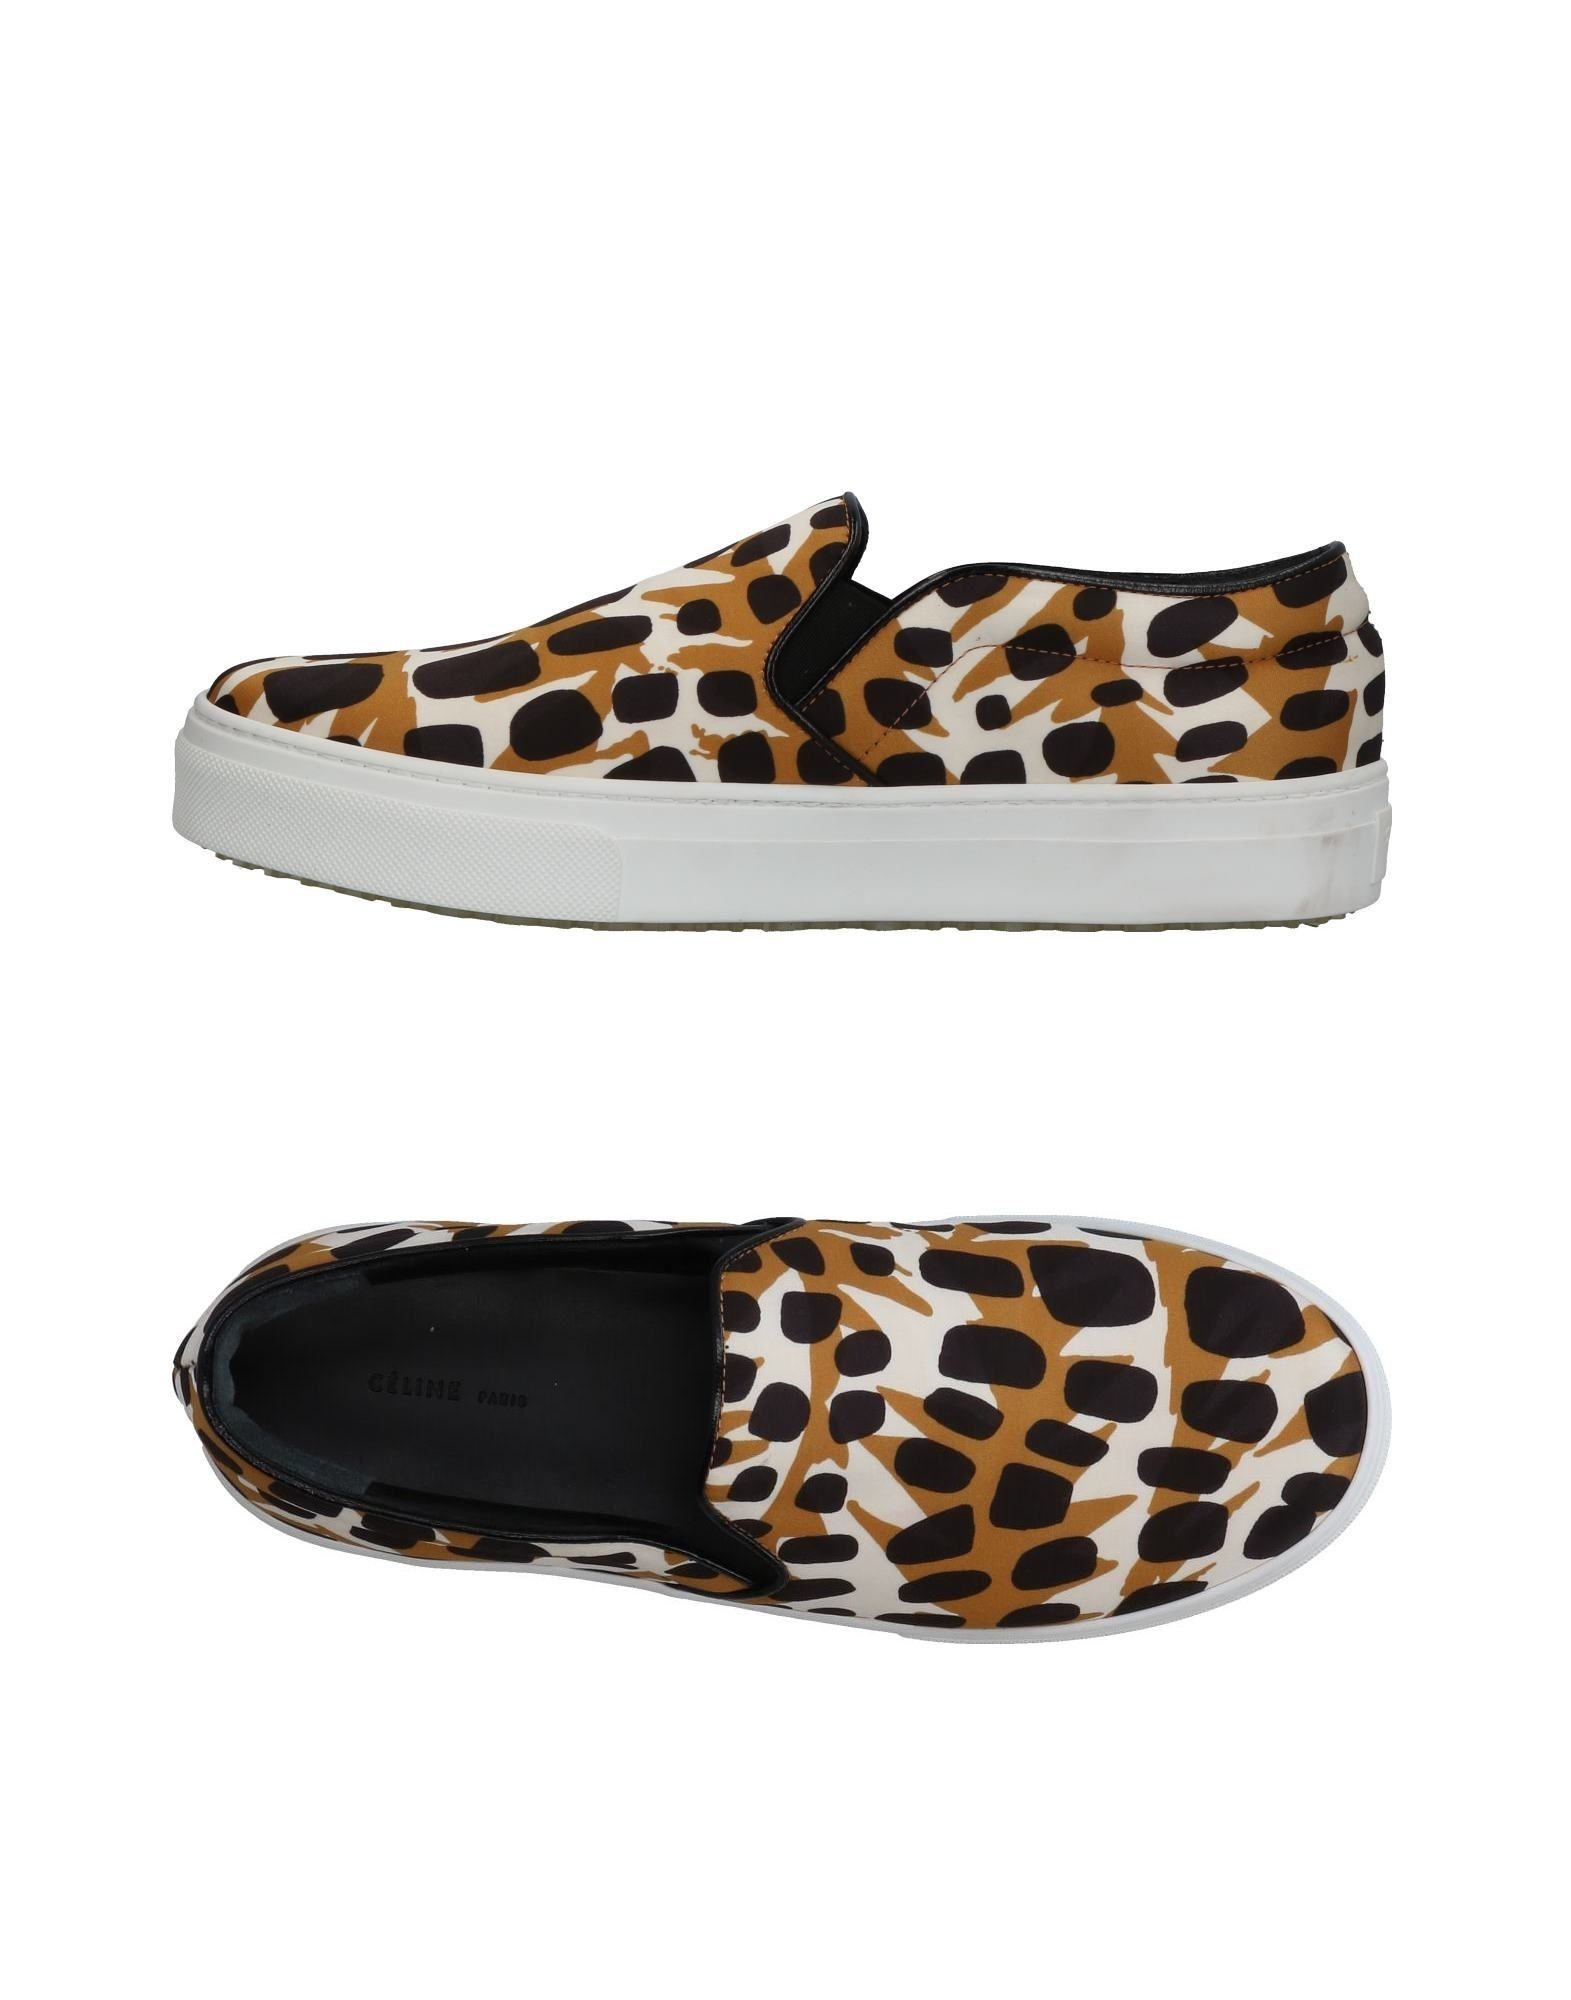 Celine Sneakers - Australia Women Celine Sneakers online on  Australia - - 11319540IM 920772